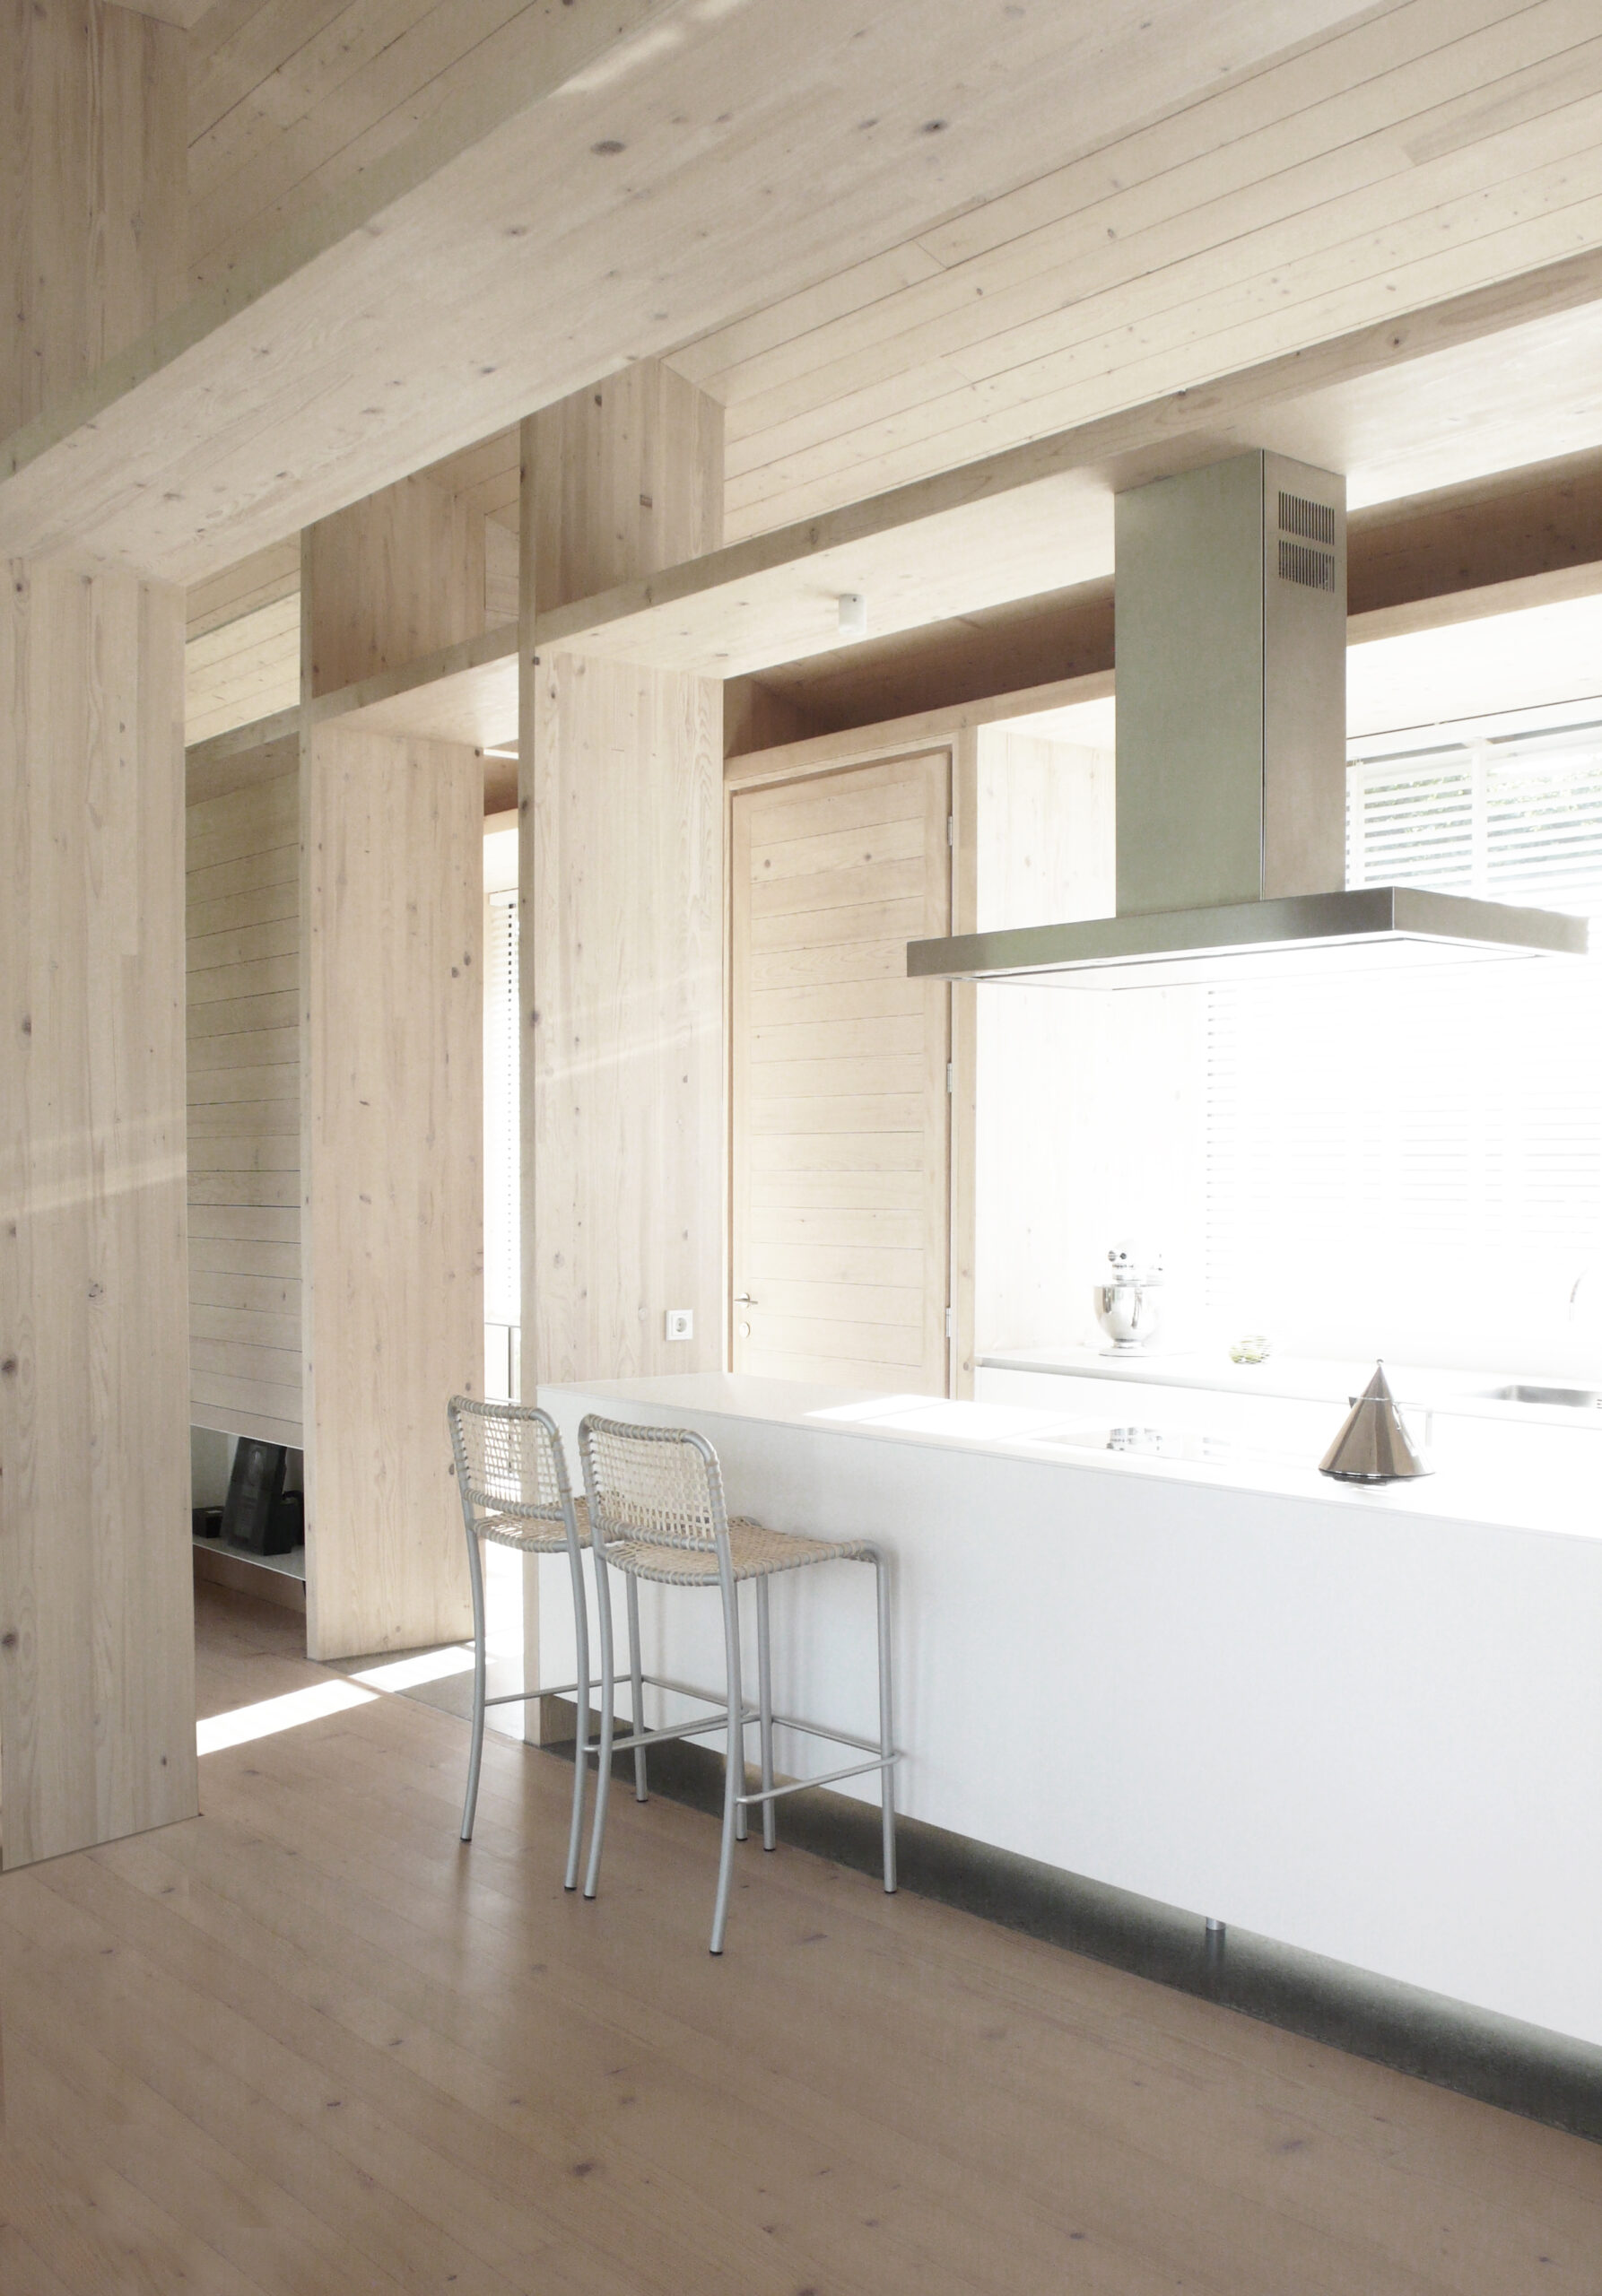 Michael-Becker-Architects-Architekten-haus-kr-03